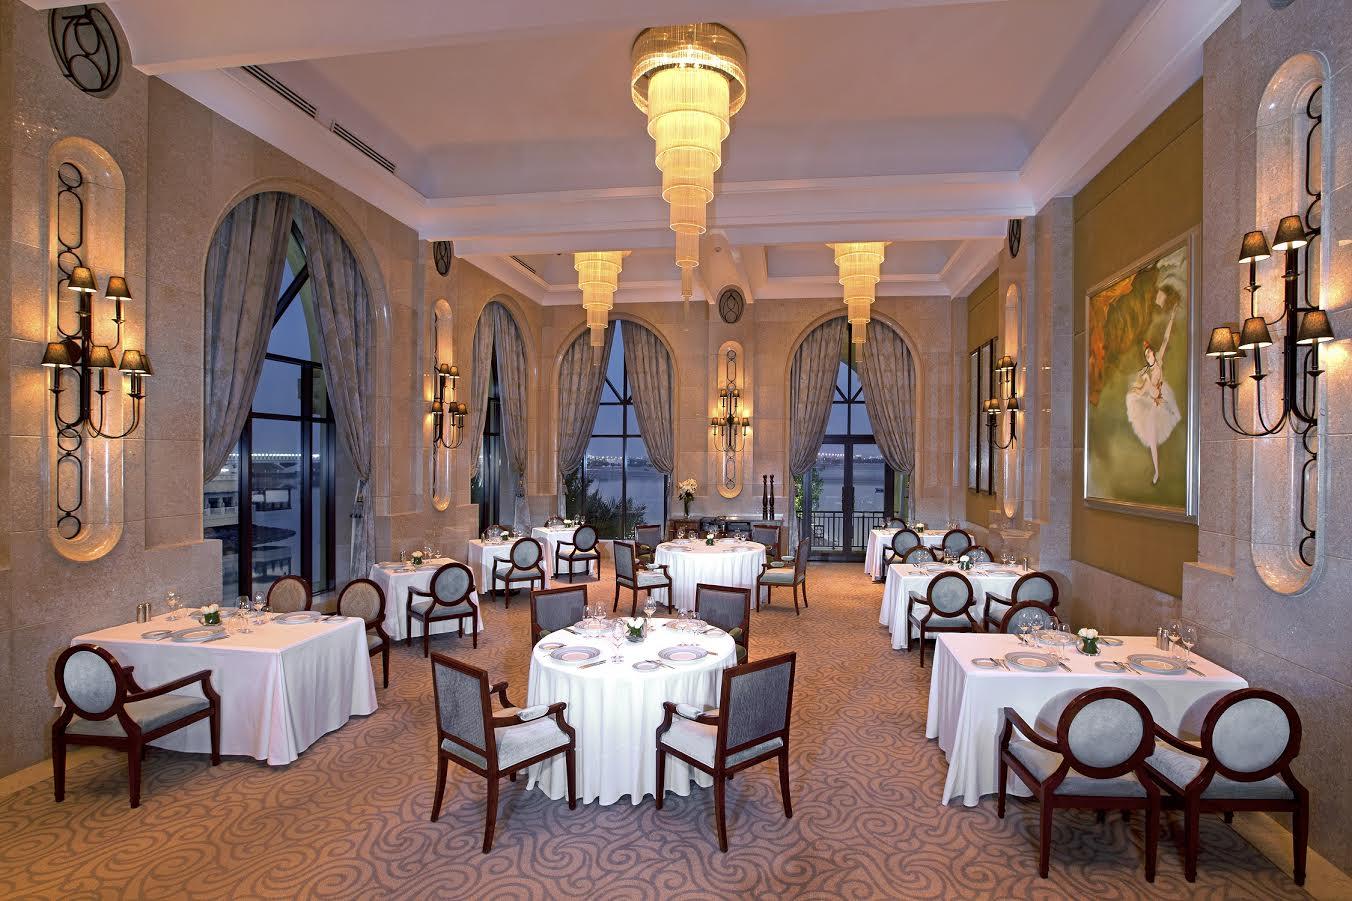 مطعم بوردو أبوظبي يطلق عرض ادفع كما تريد